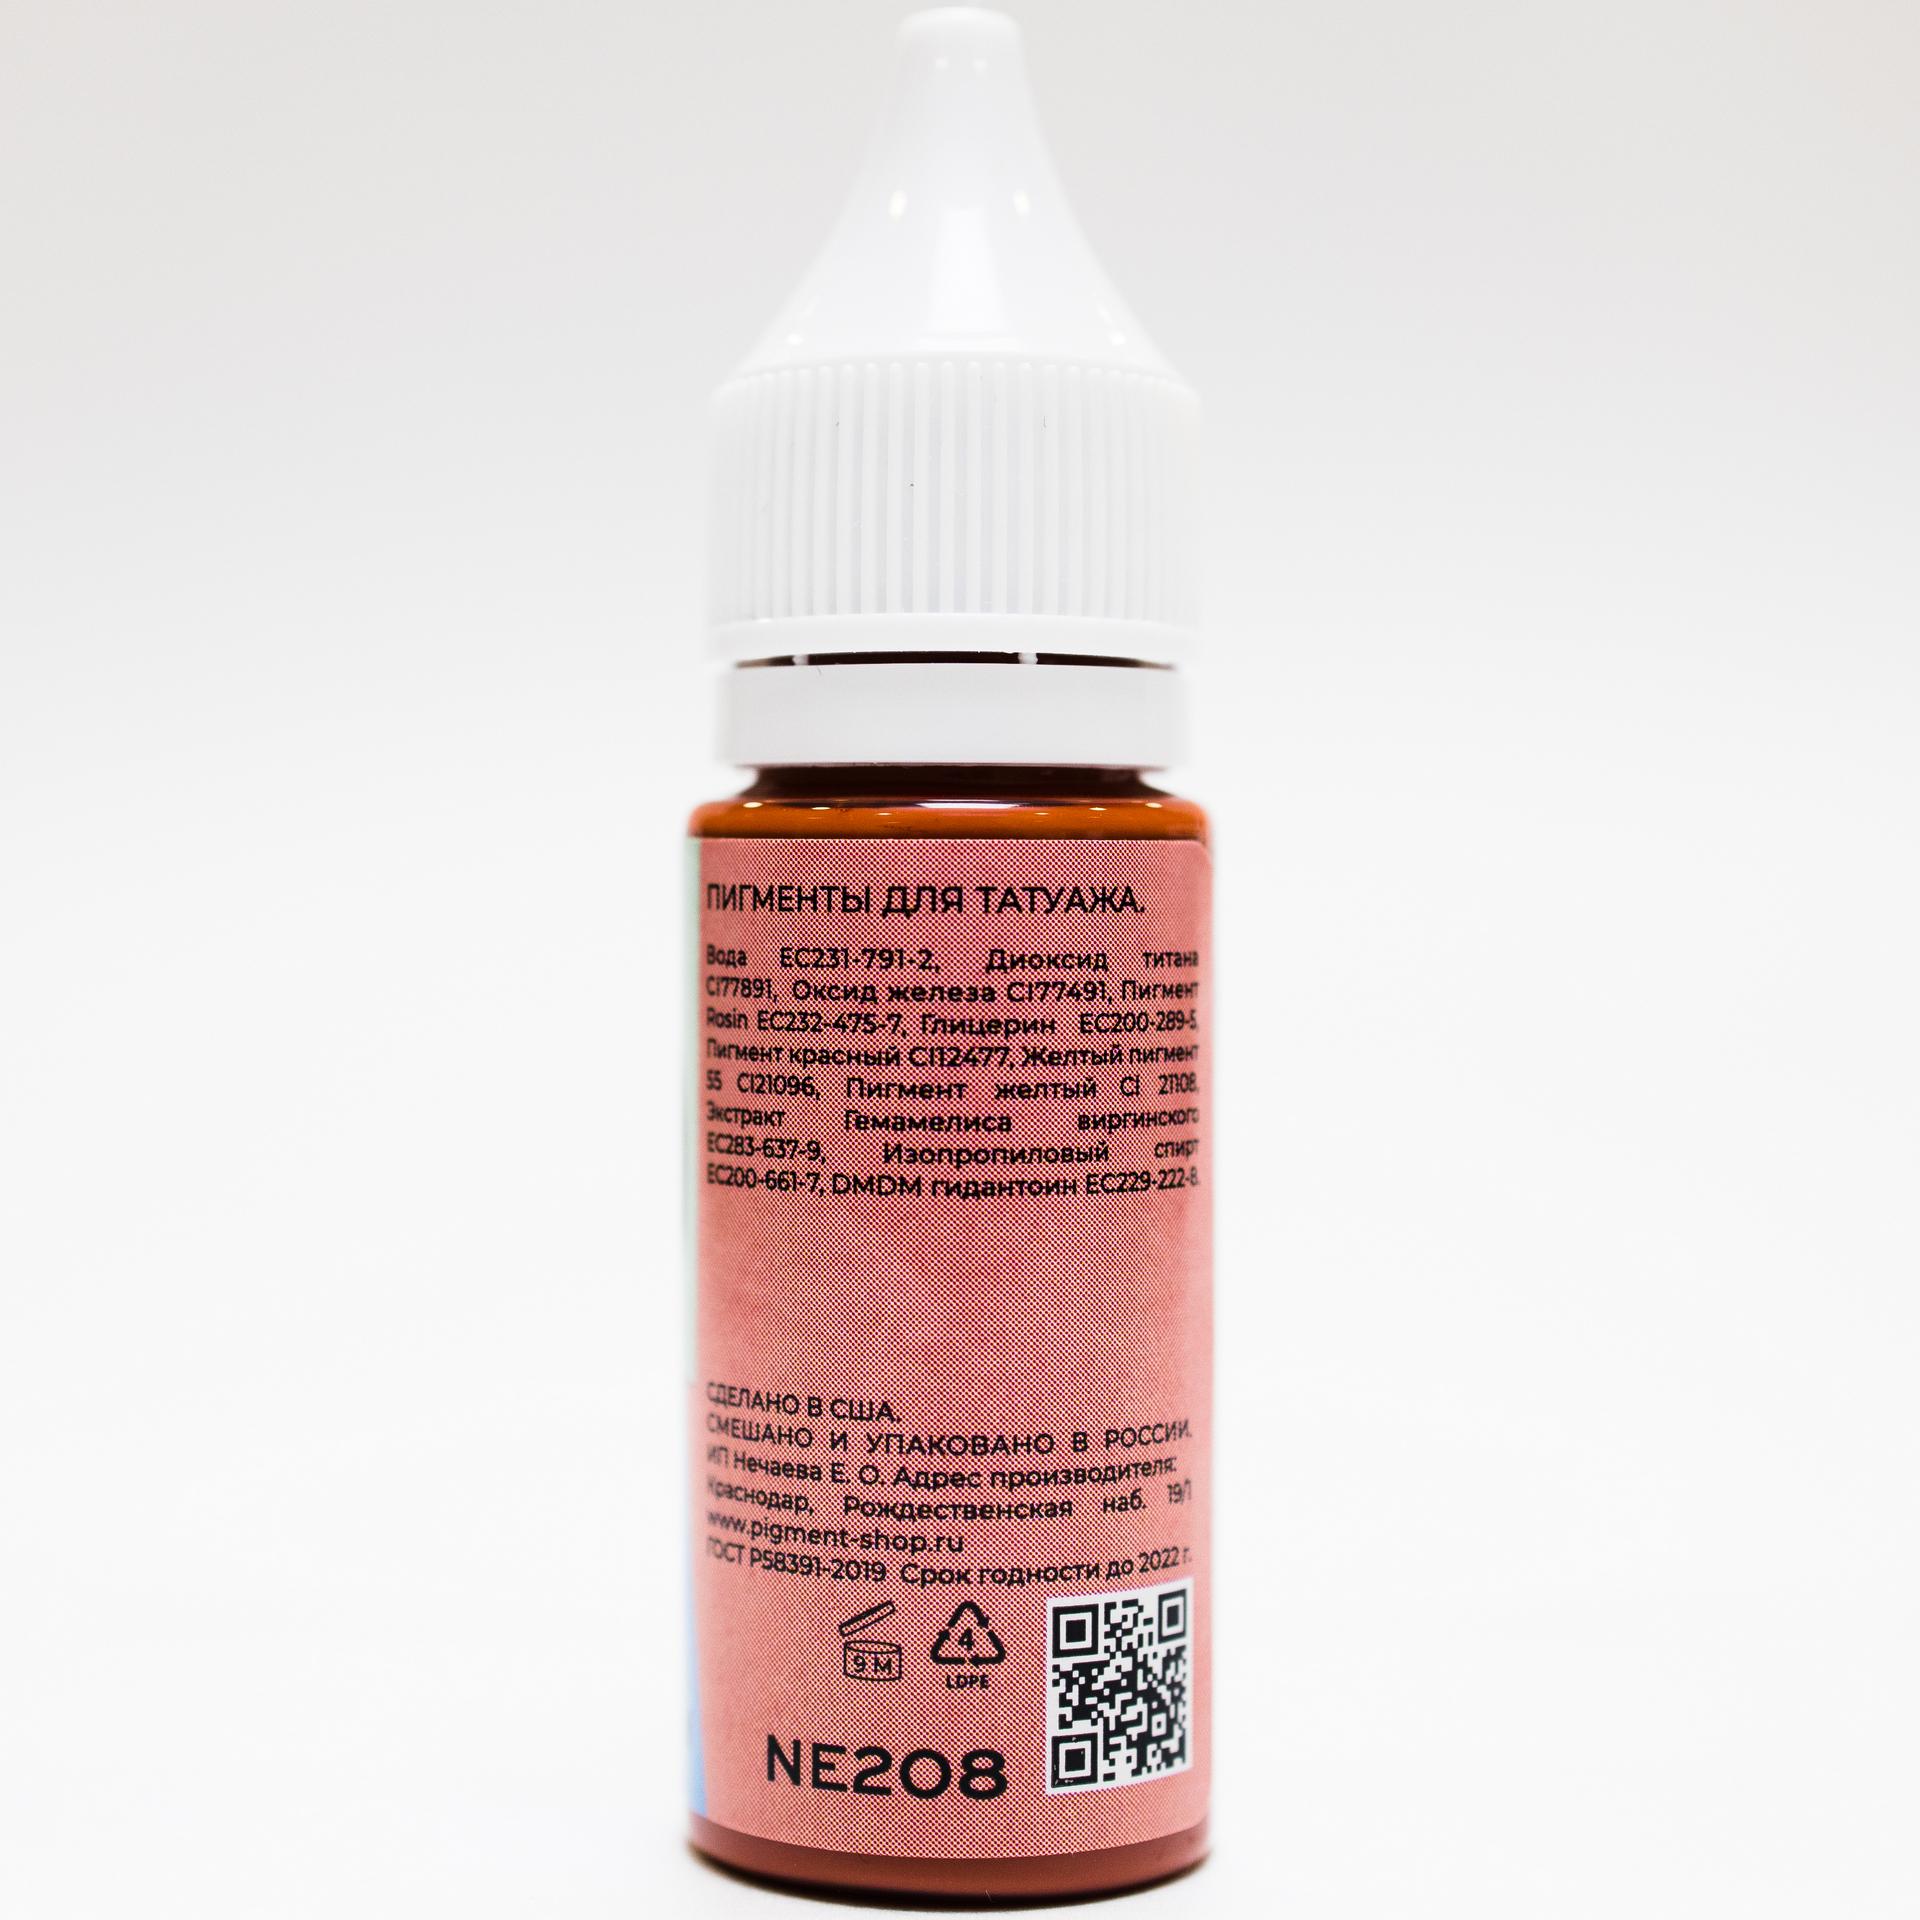 Пигмент NE Pigments #208 Оранжево-розовый